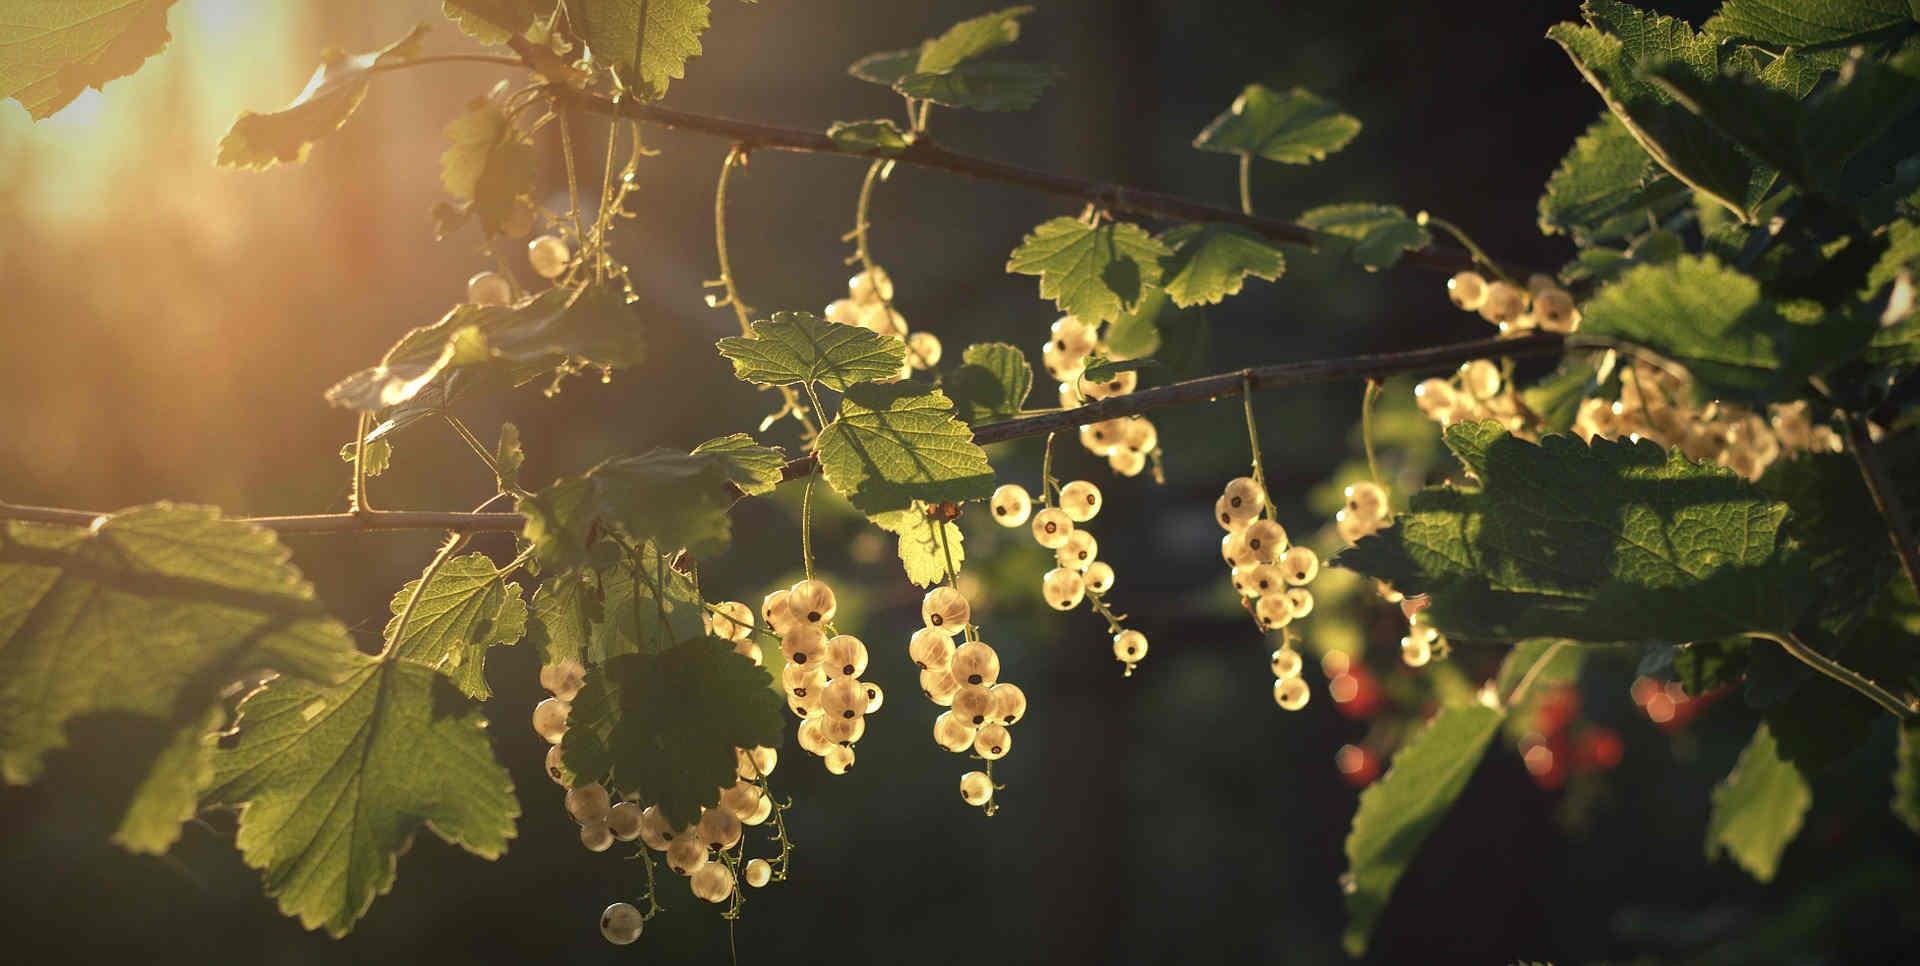 Essbare Pflanzen im Wald: Beeren & Wildkräuter